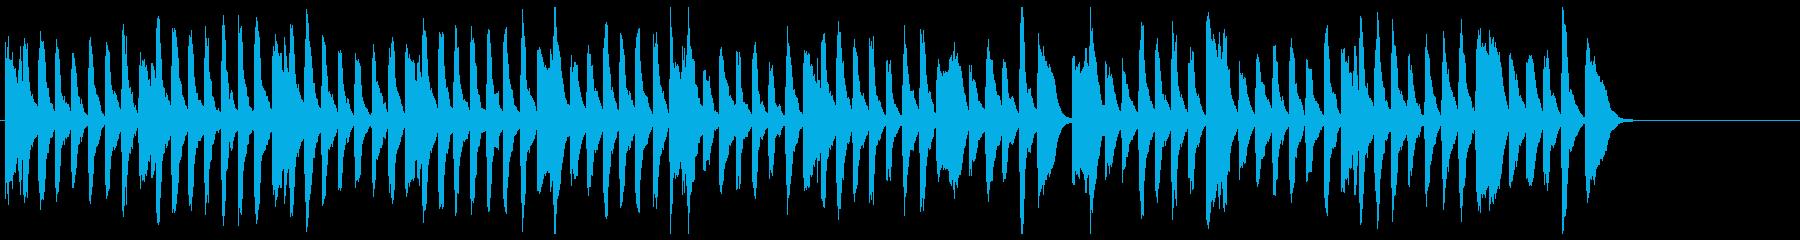 元気な雰囲気のピアノソロ曲の再生済みの波形